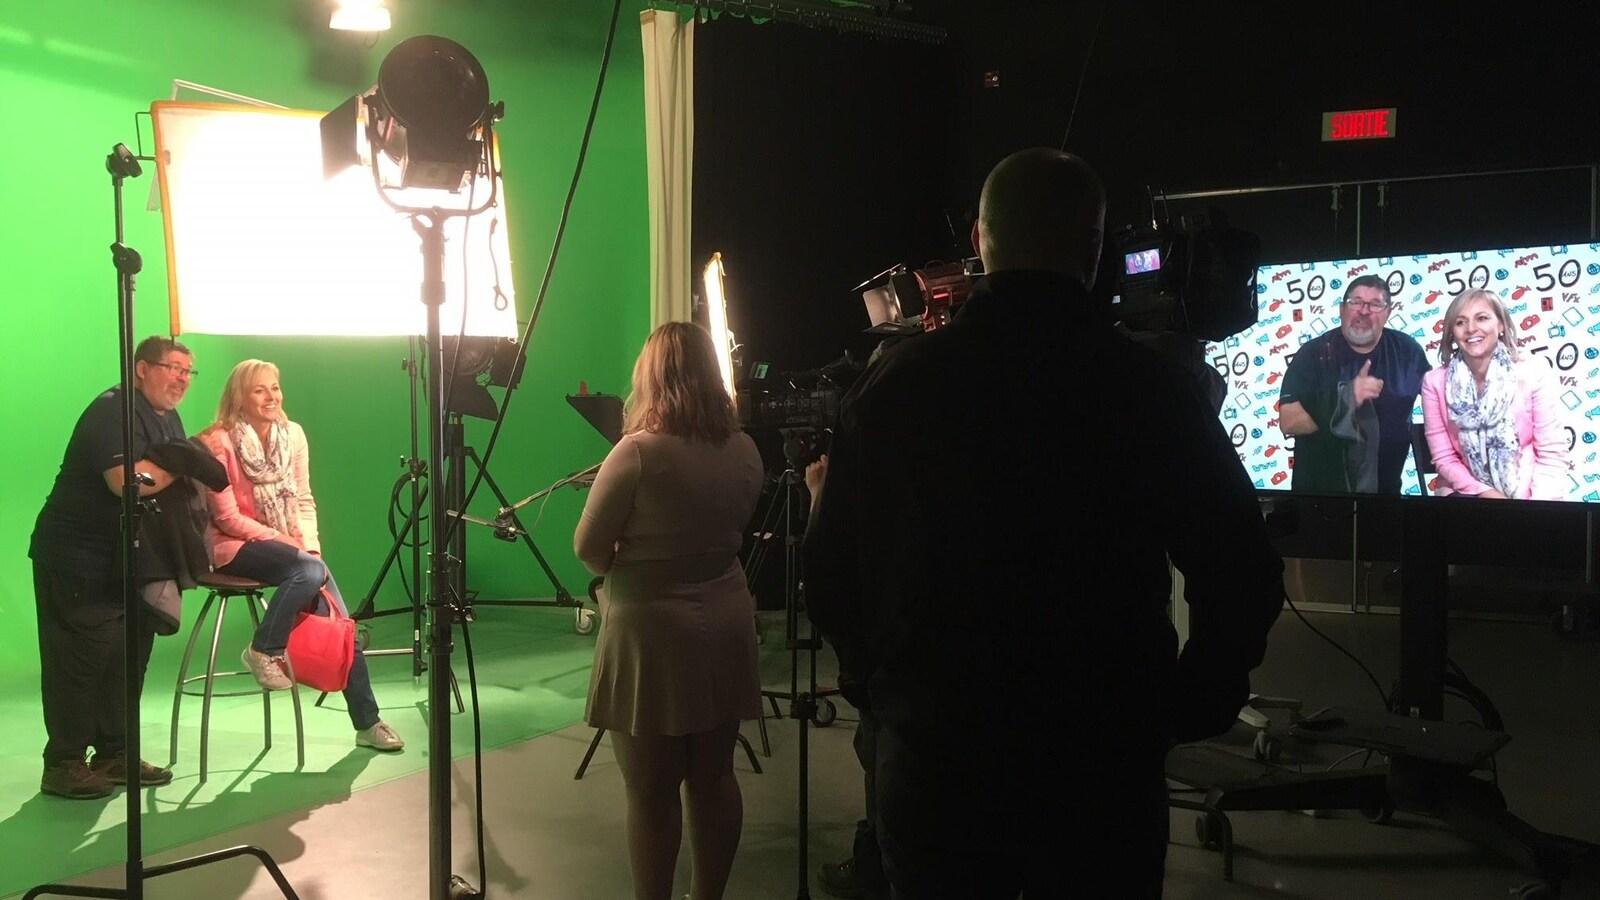 Des gens dans un studio de télévision